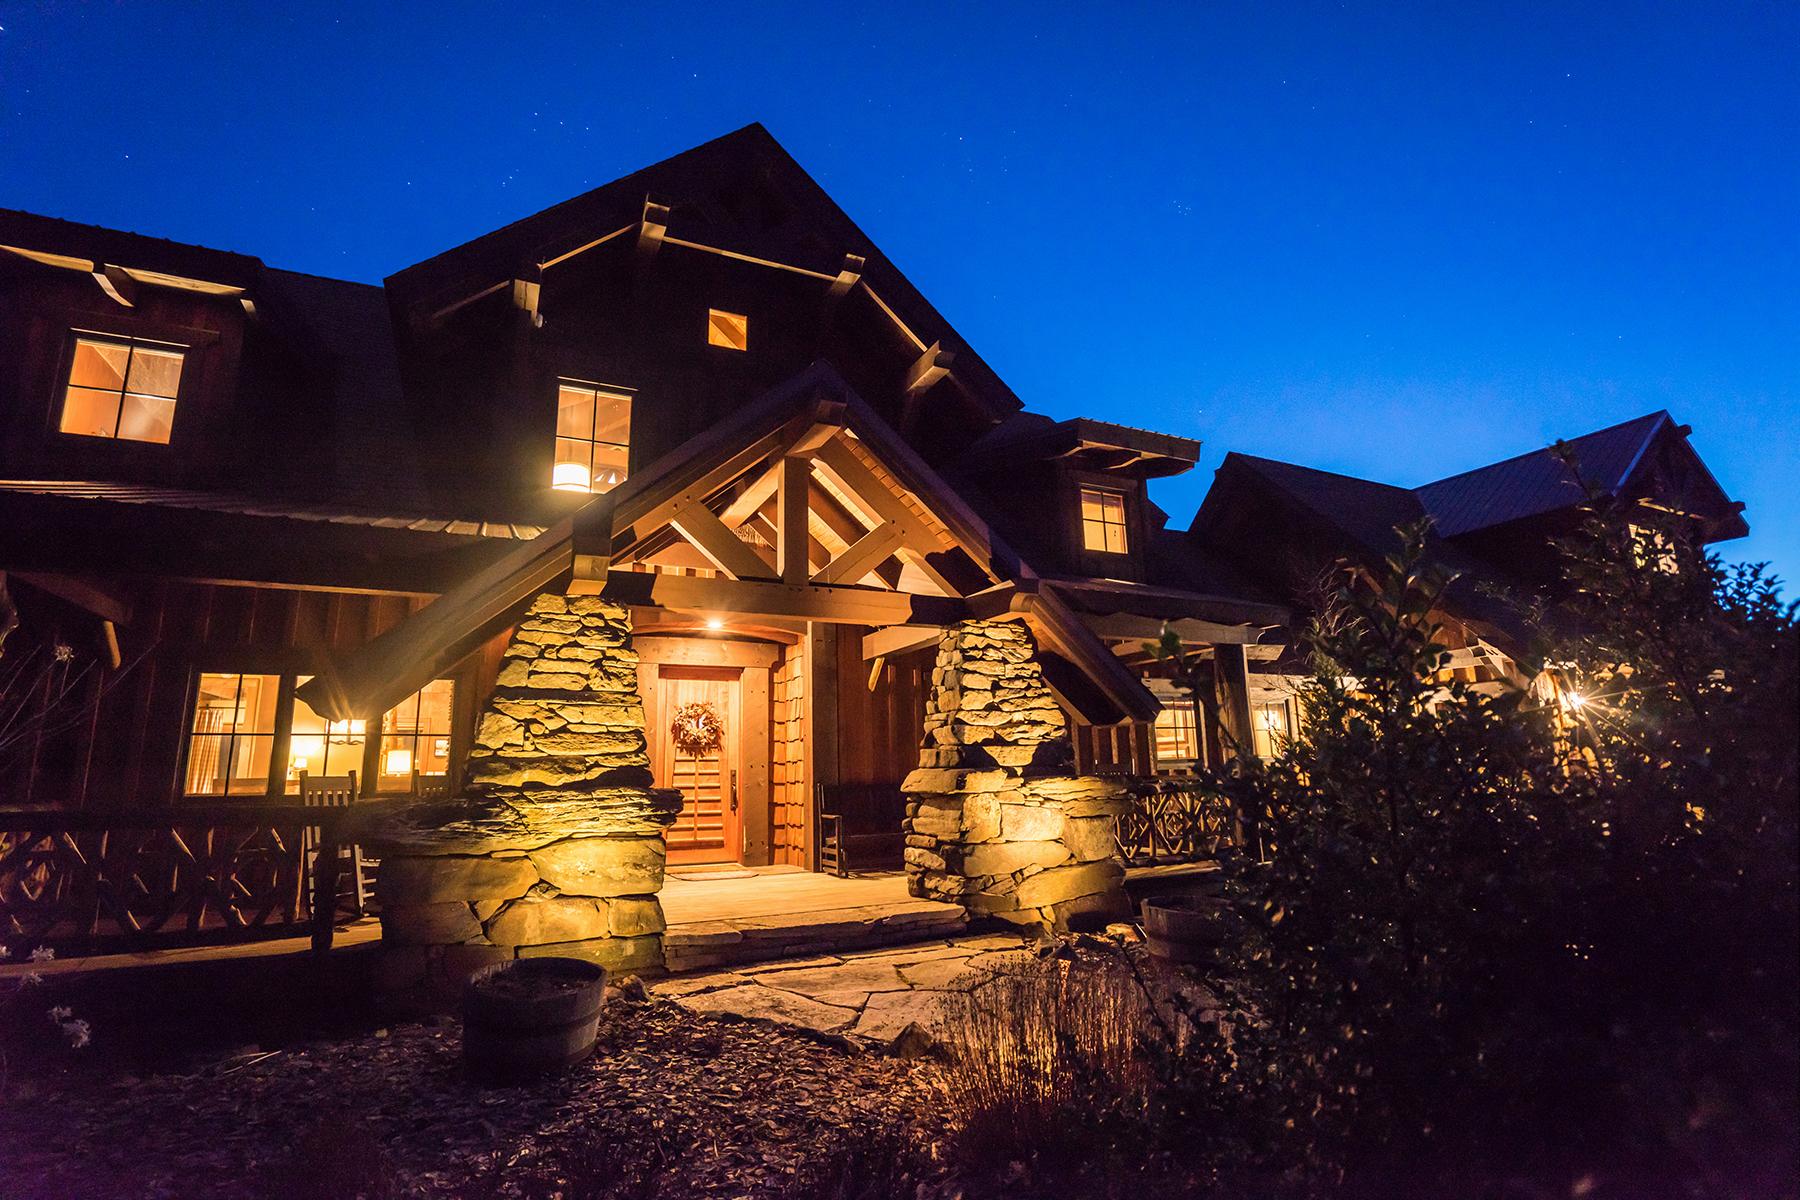 단독 가정 주택 용 매매 에 SUNALEI PRESERVE ZIONVILLE 862 Buffalo Nvno Zionville, 노스캐놀라이나, 28698 미국